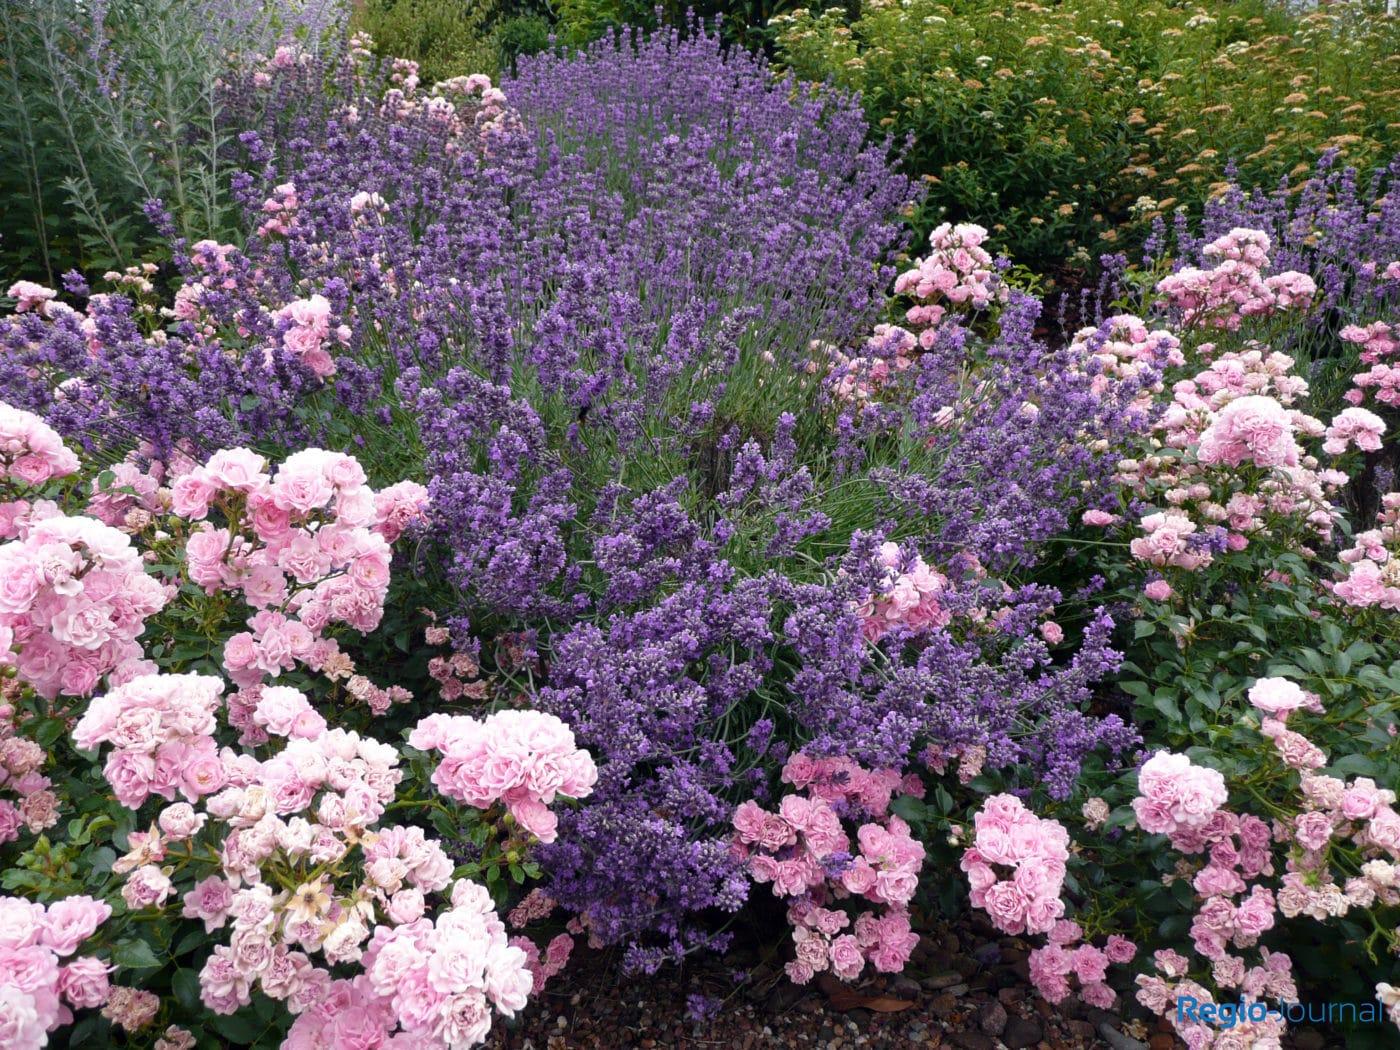 Bildergalerie über Lavendel